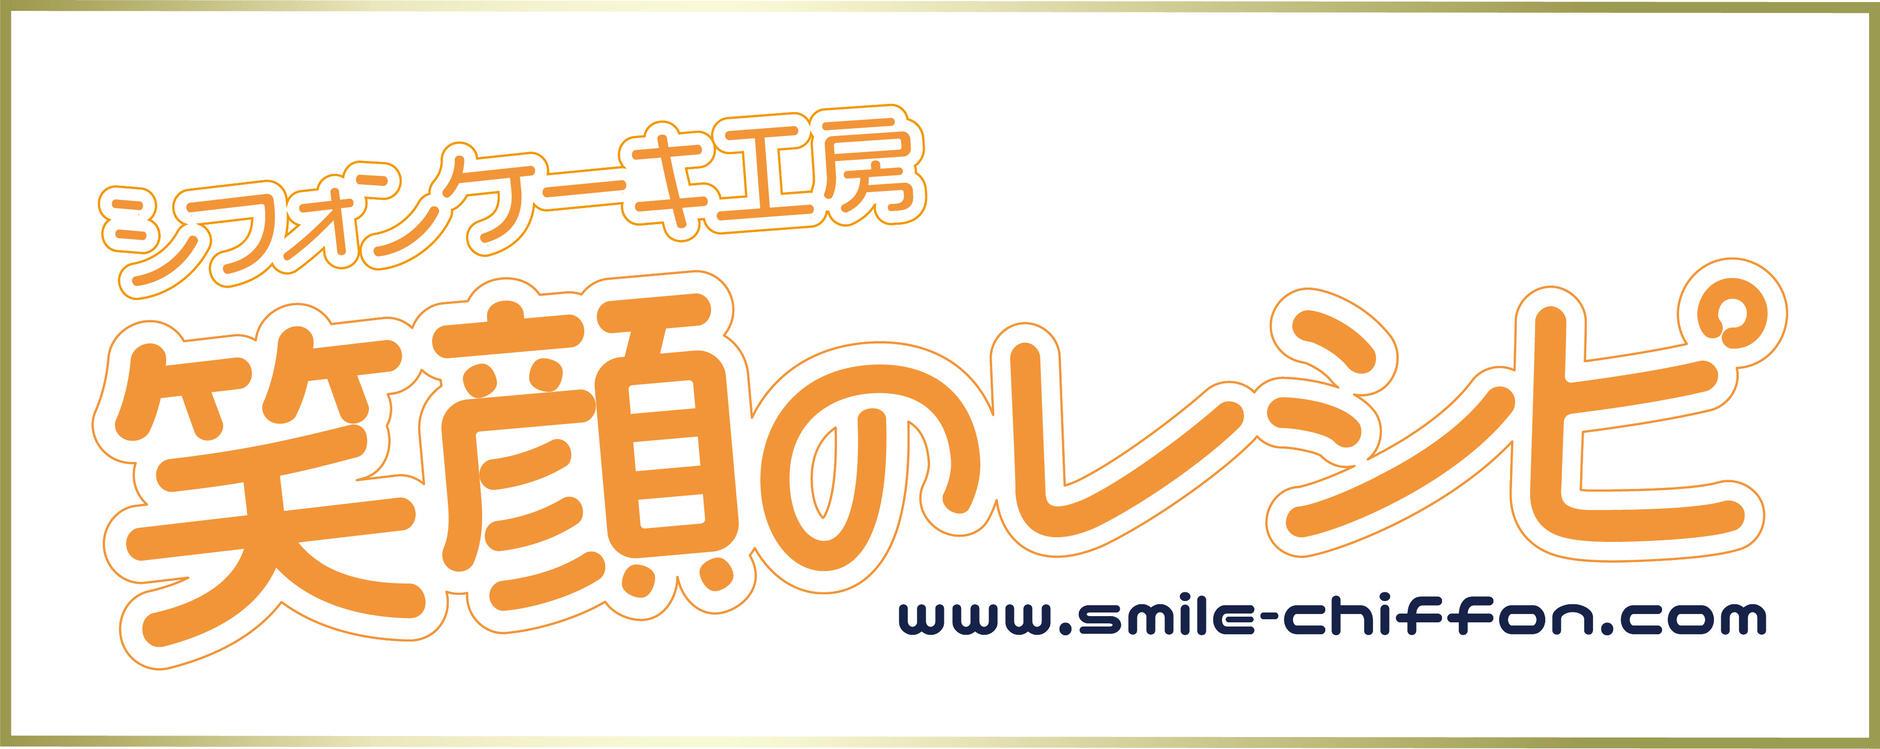 シフォンケーキ工房 笑顔のレシピ